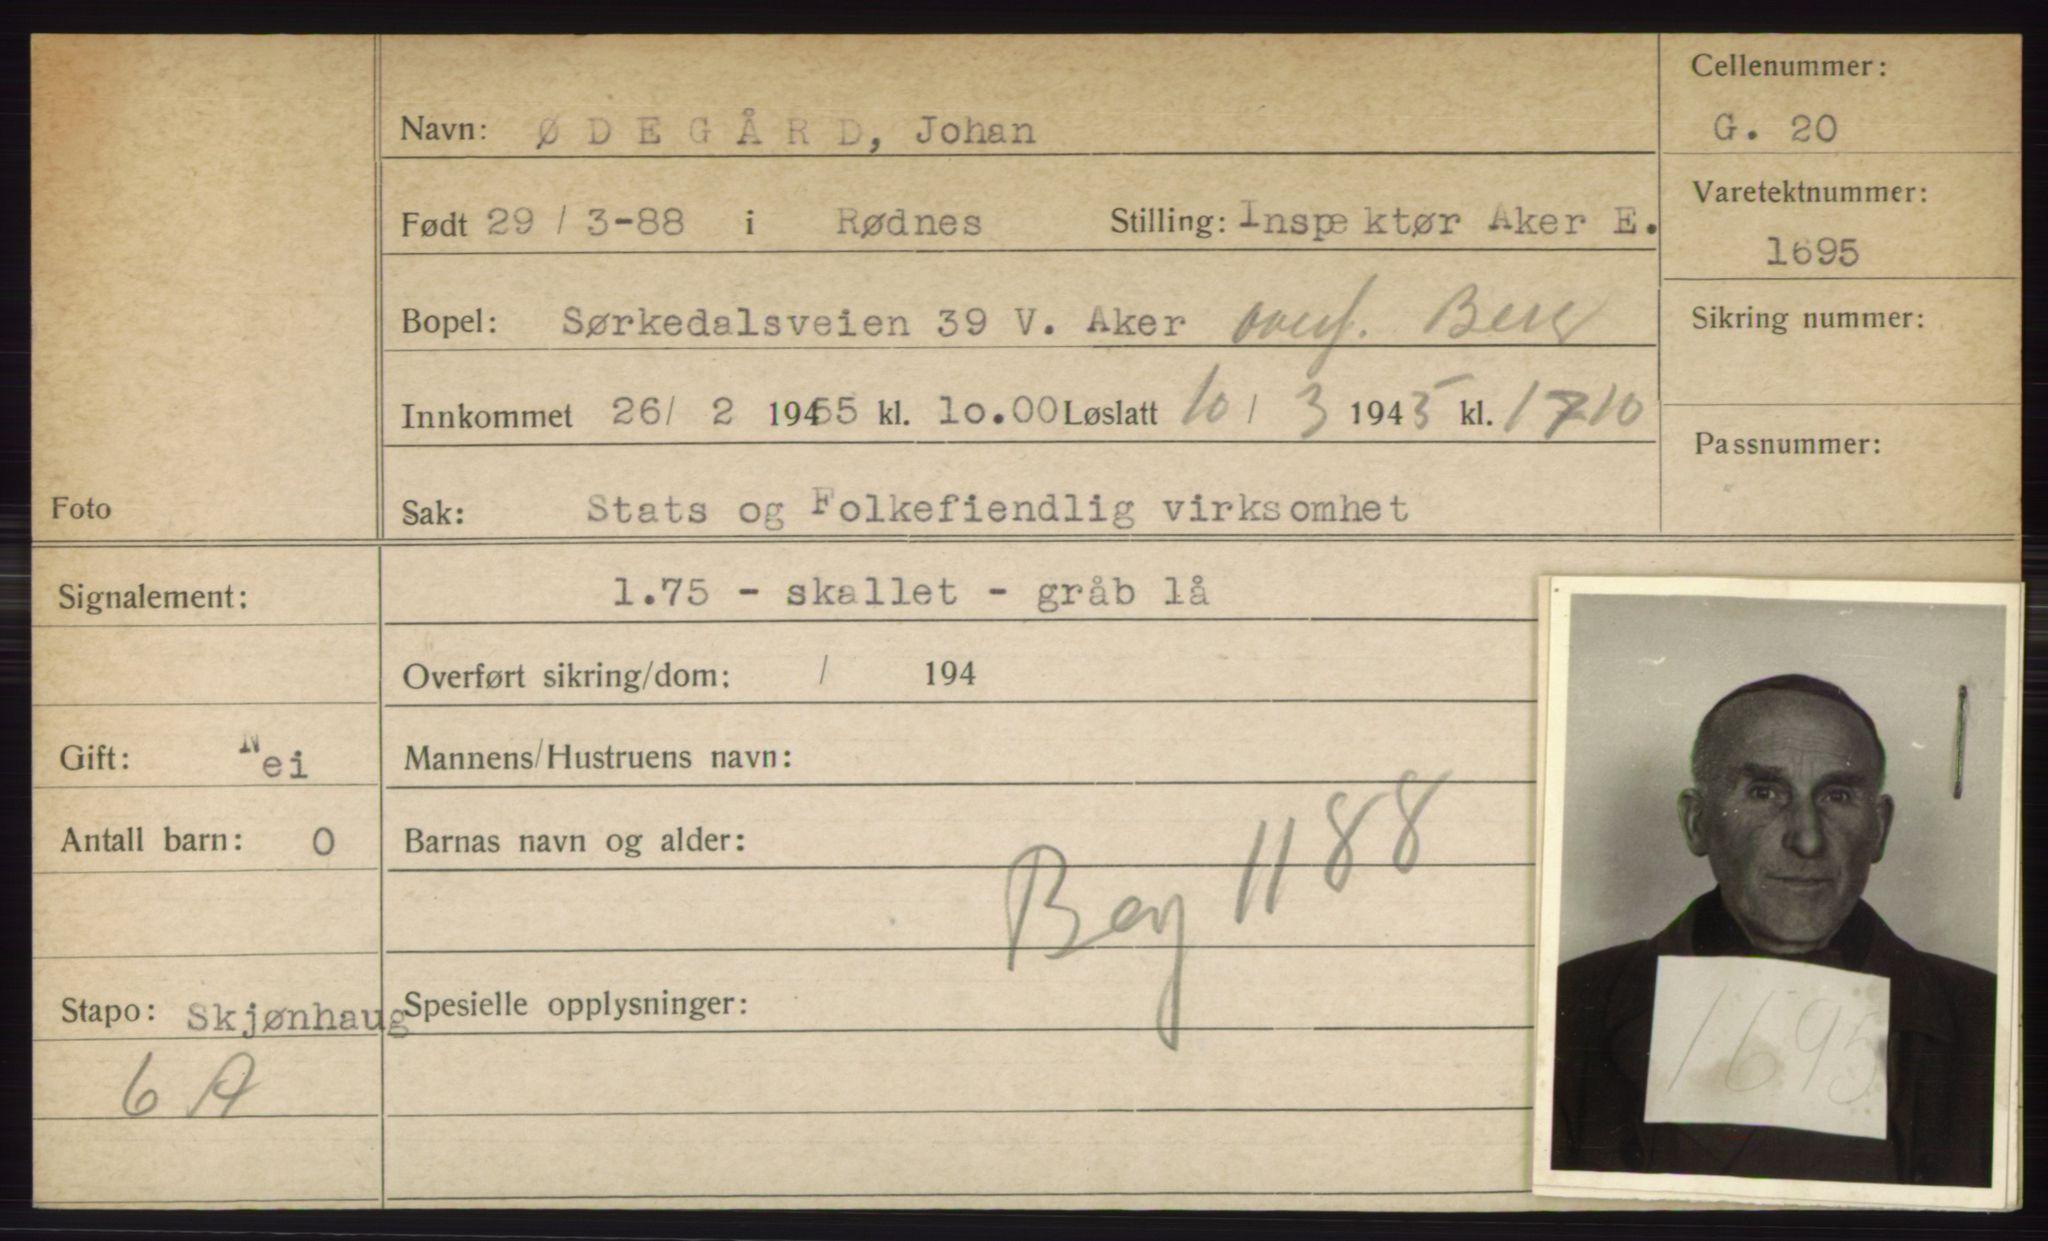 RA, Statspolitiet - Hovedkontoret / Osloavdelingen, C/Ck/Cke/L0005: Fangeregister S-Å, 1941-1945, s. 693